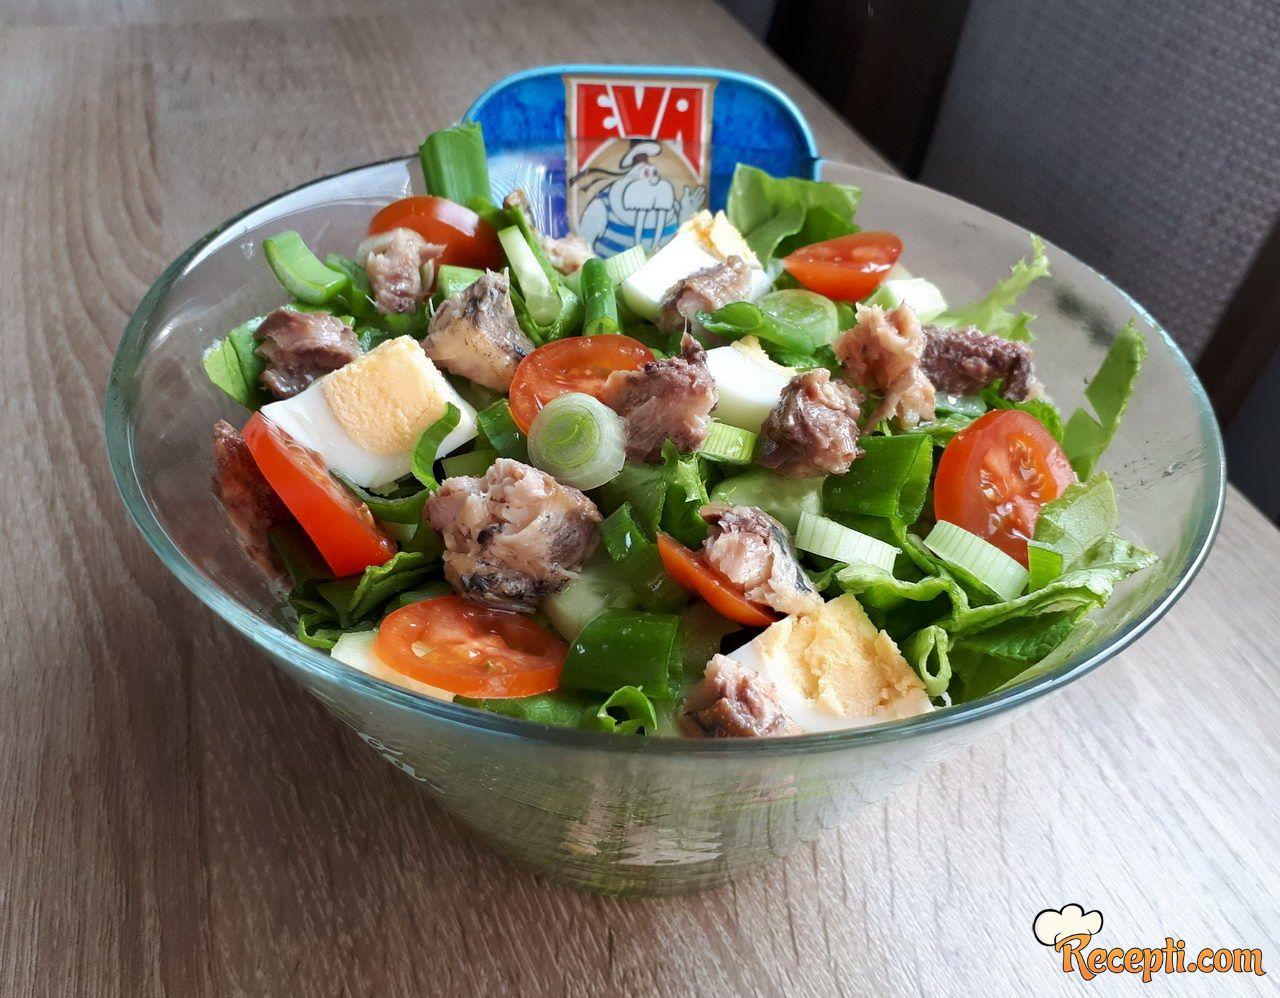 Eva salata